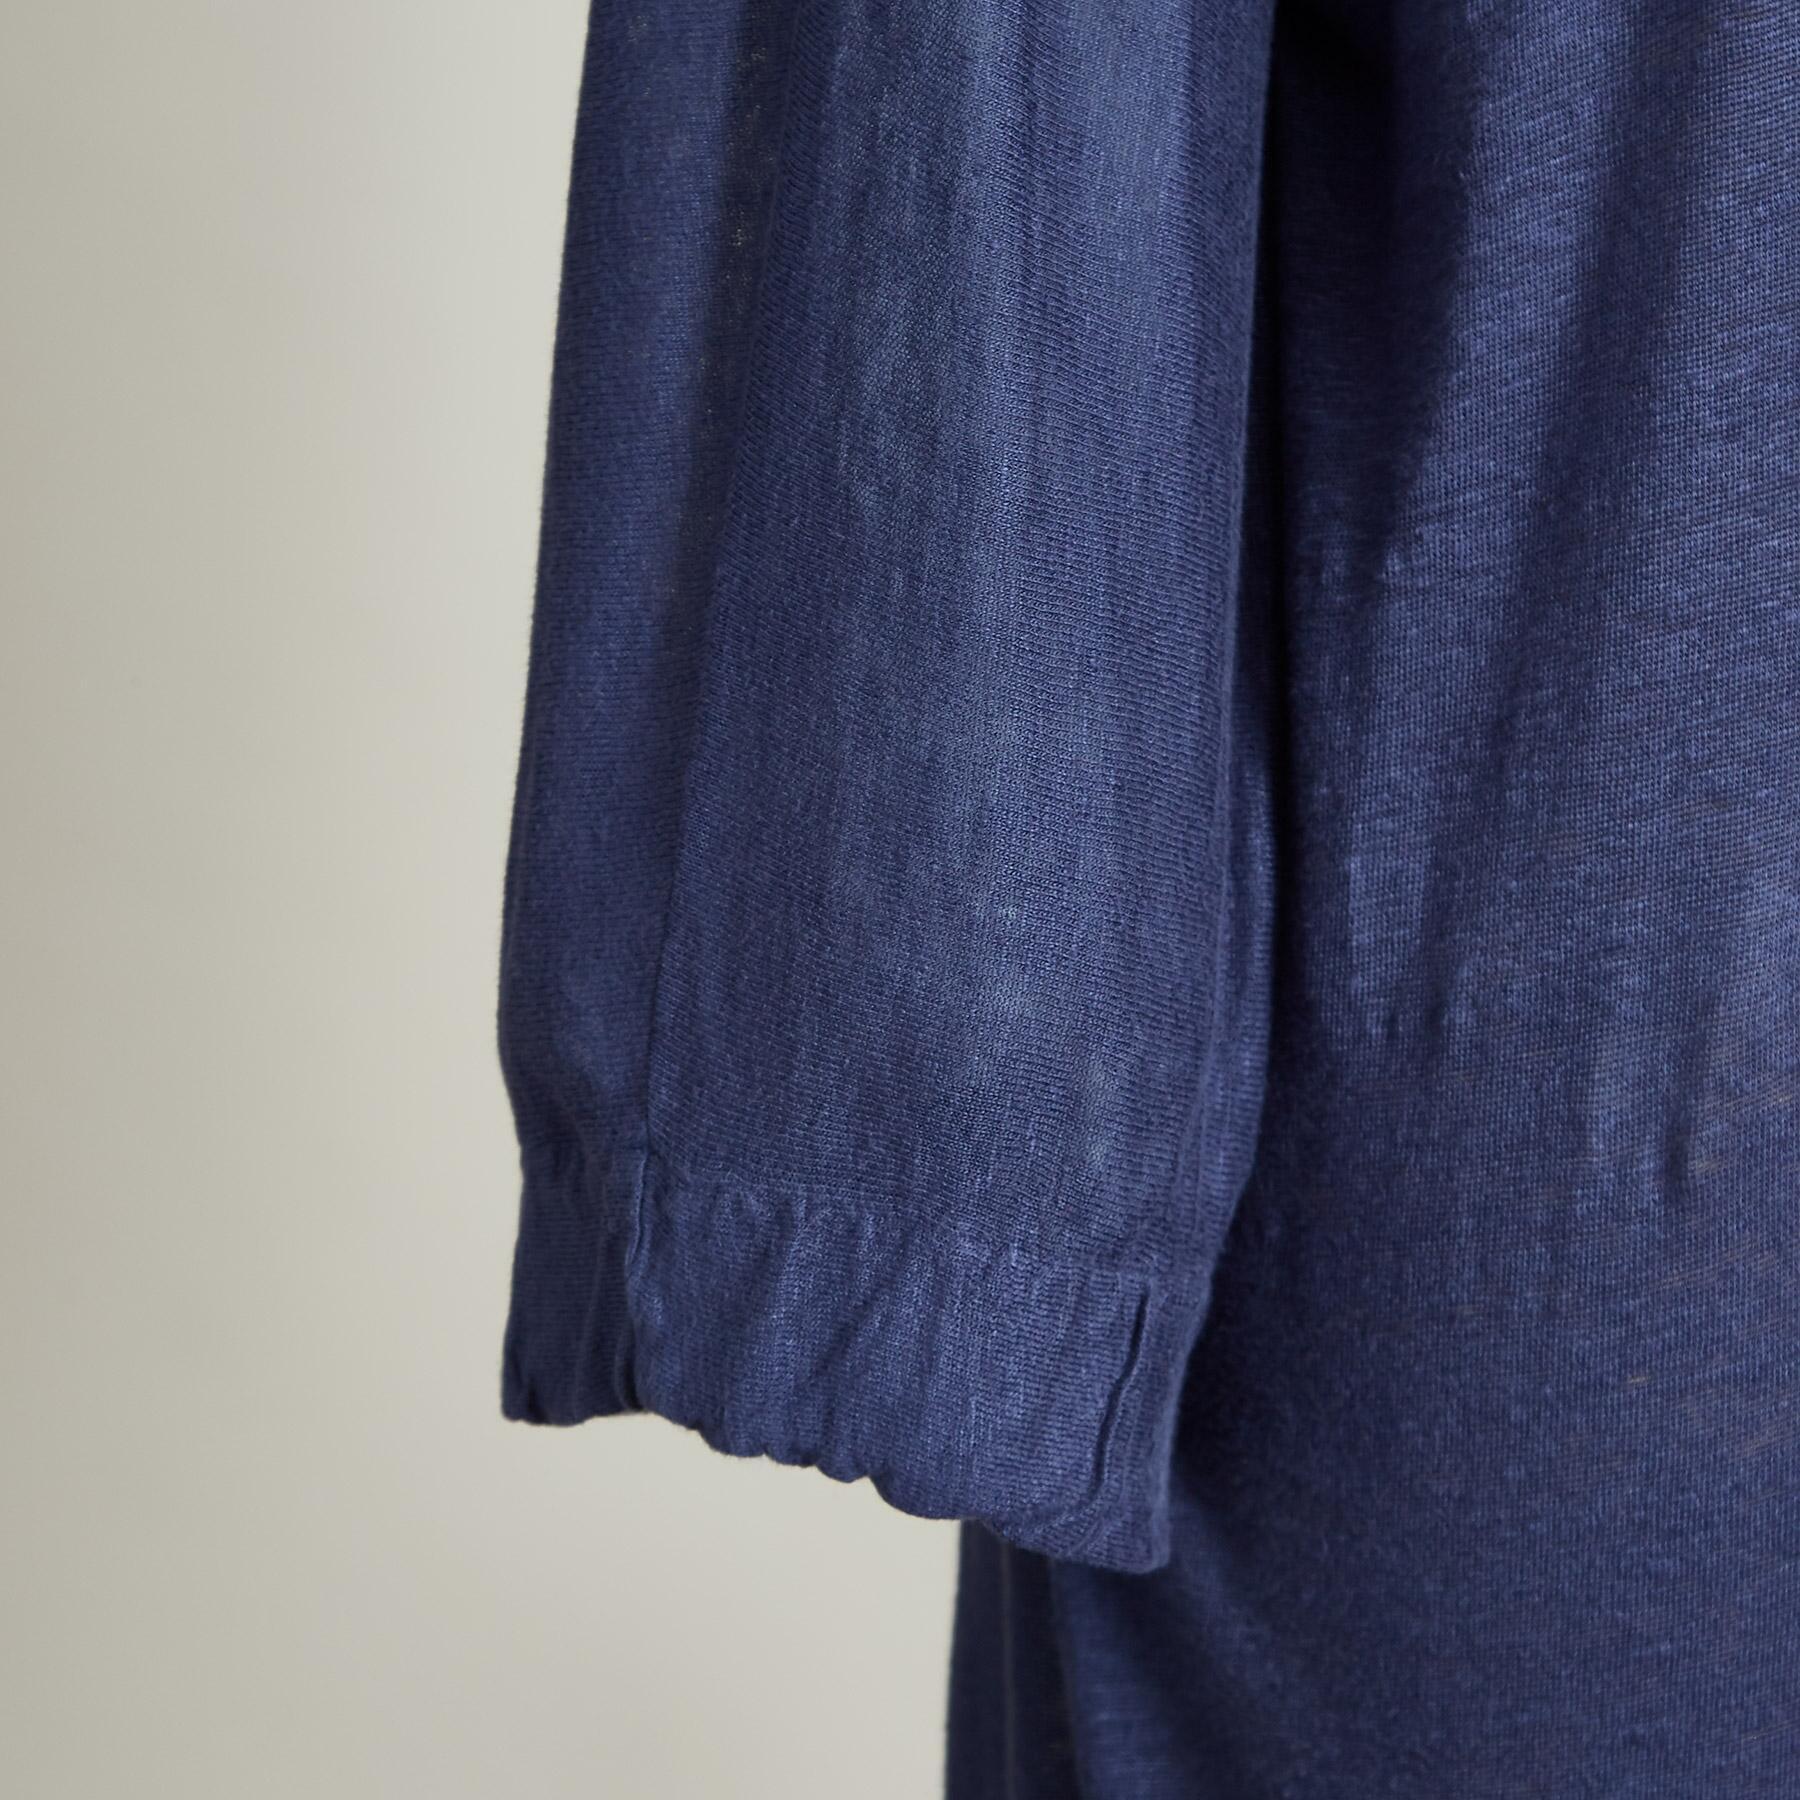 EVERYDAY LINEN DRESS: View 5